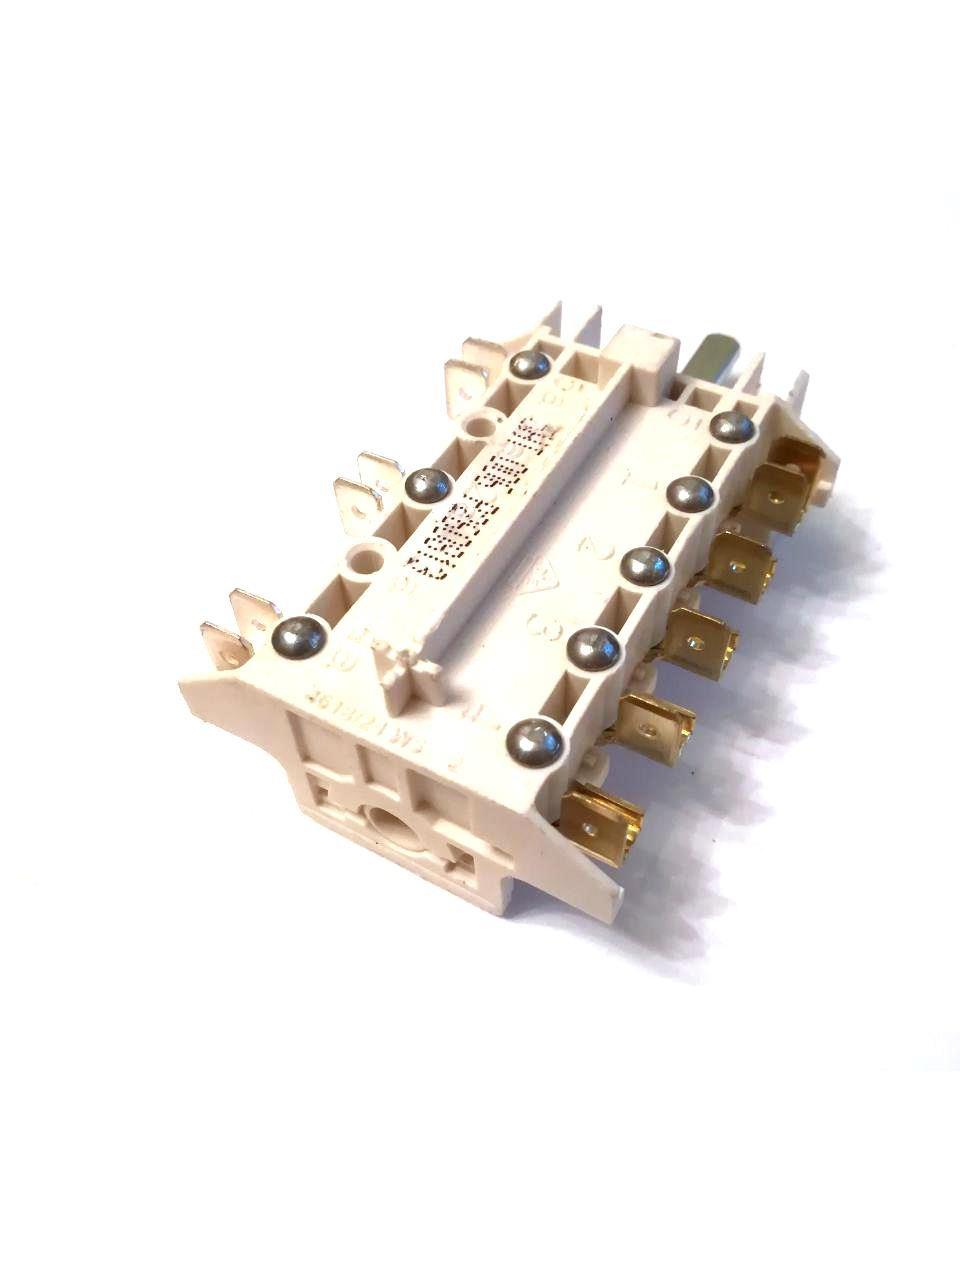 Переключатель 7-ми позиционный ПМ 006 для электроплит Италия